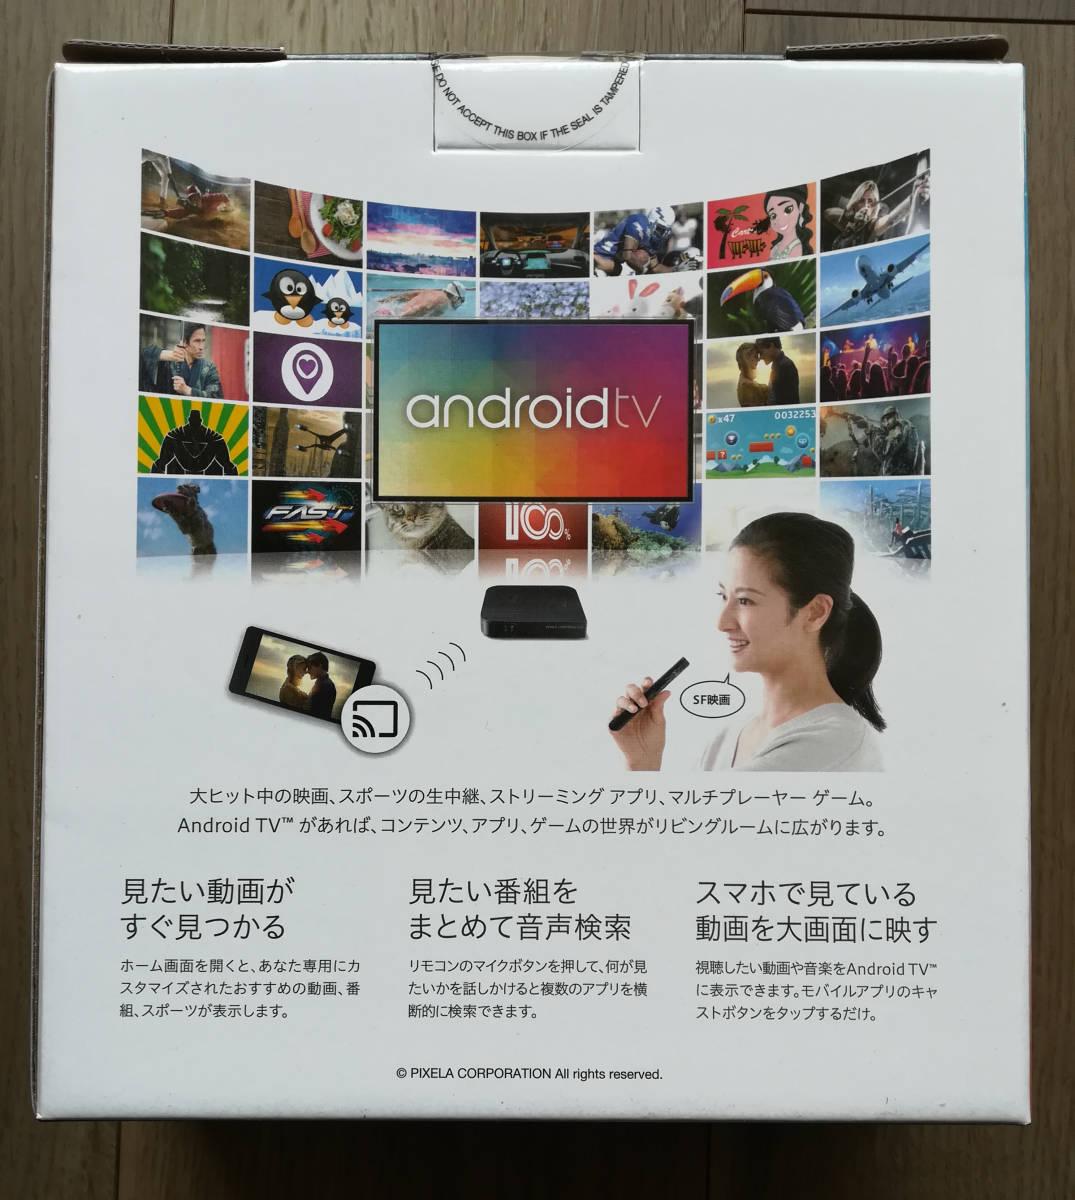 未開封 HDR対応 テレビで楽しむ Box KSTB5043 スポーツ ピクセラ Smart androidTV メディアストリーミング端末 LAN経由 Wi-Fi 4K pixela_画像2